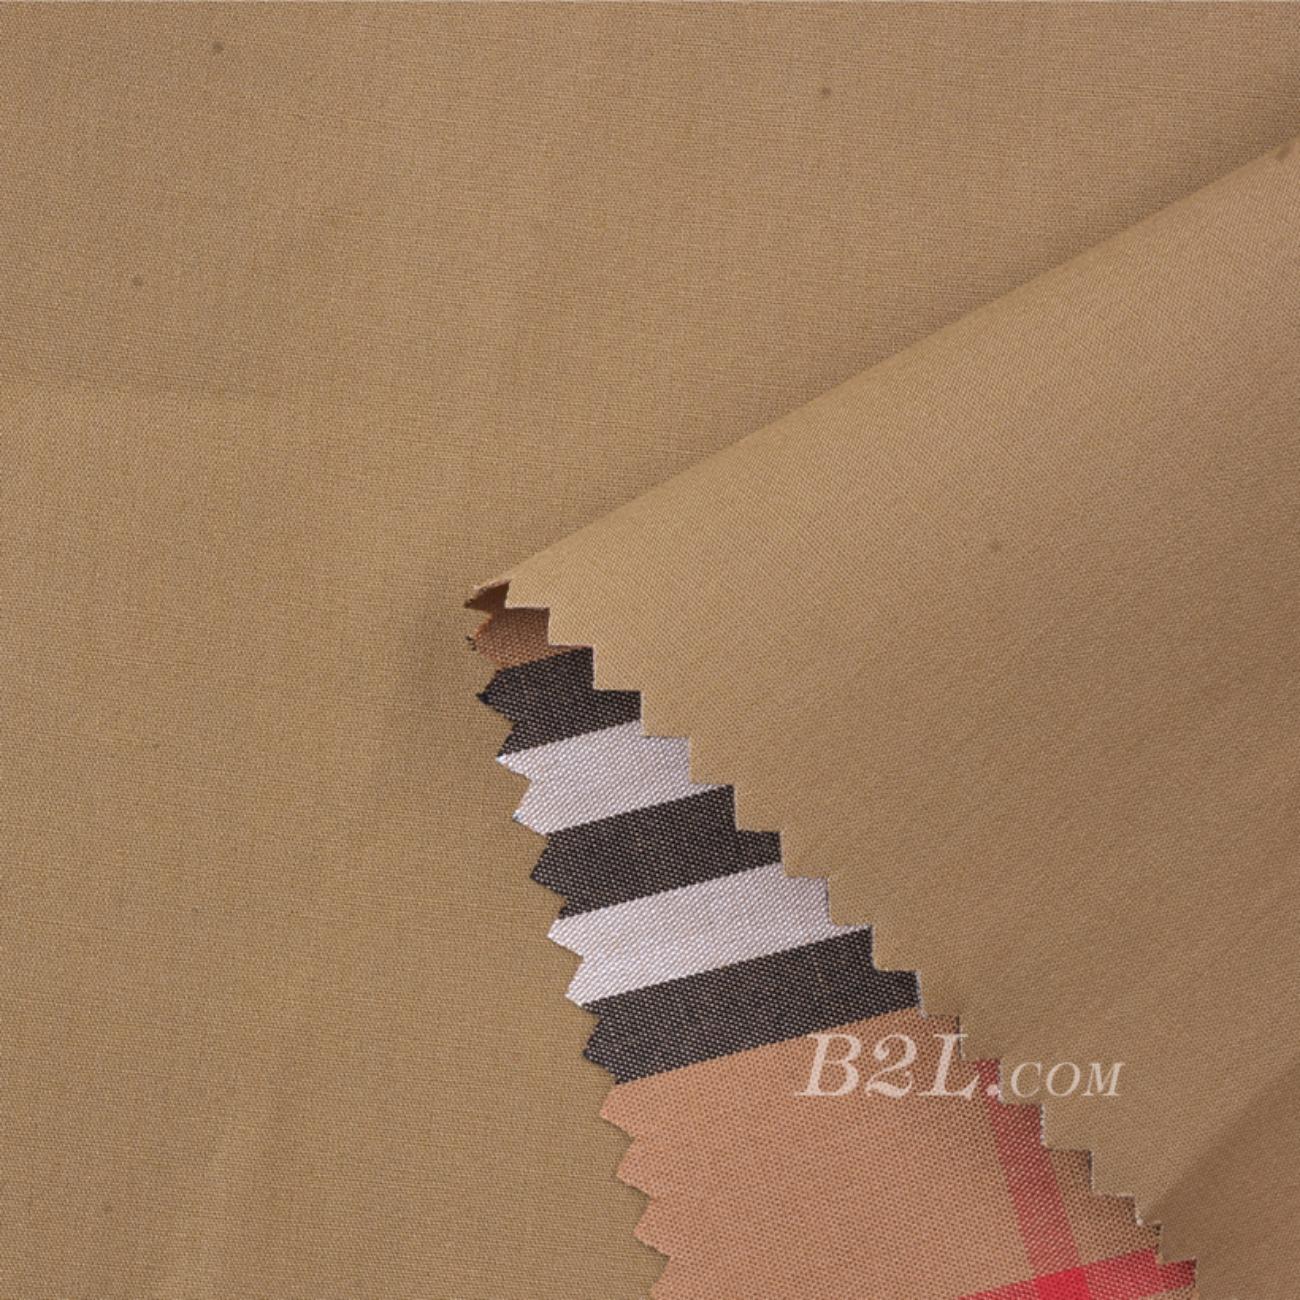 素色 格子 梭织 染色 复合 无弹 春秋夏 外套 工装  91203-1